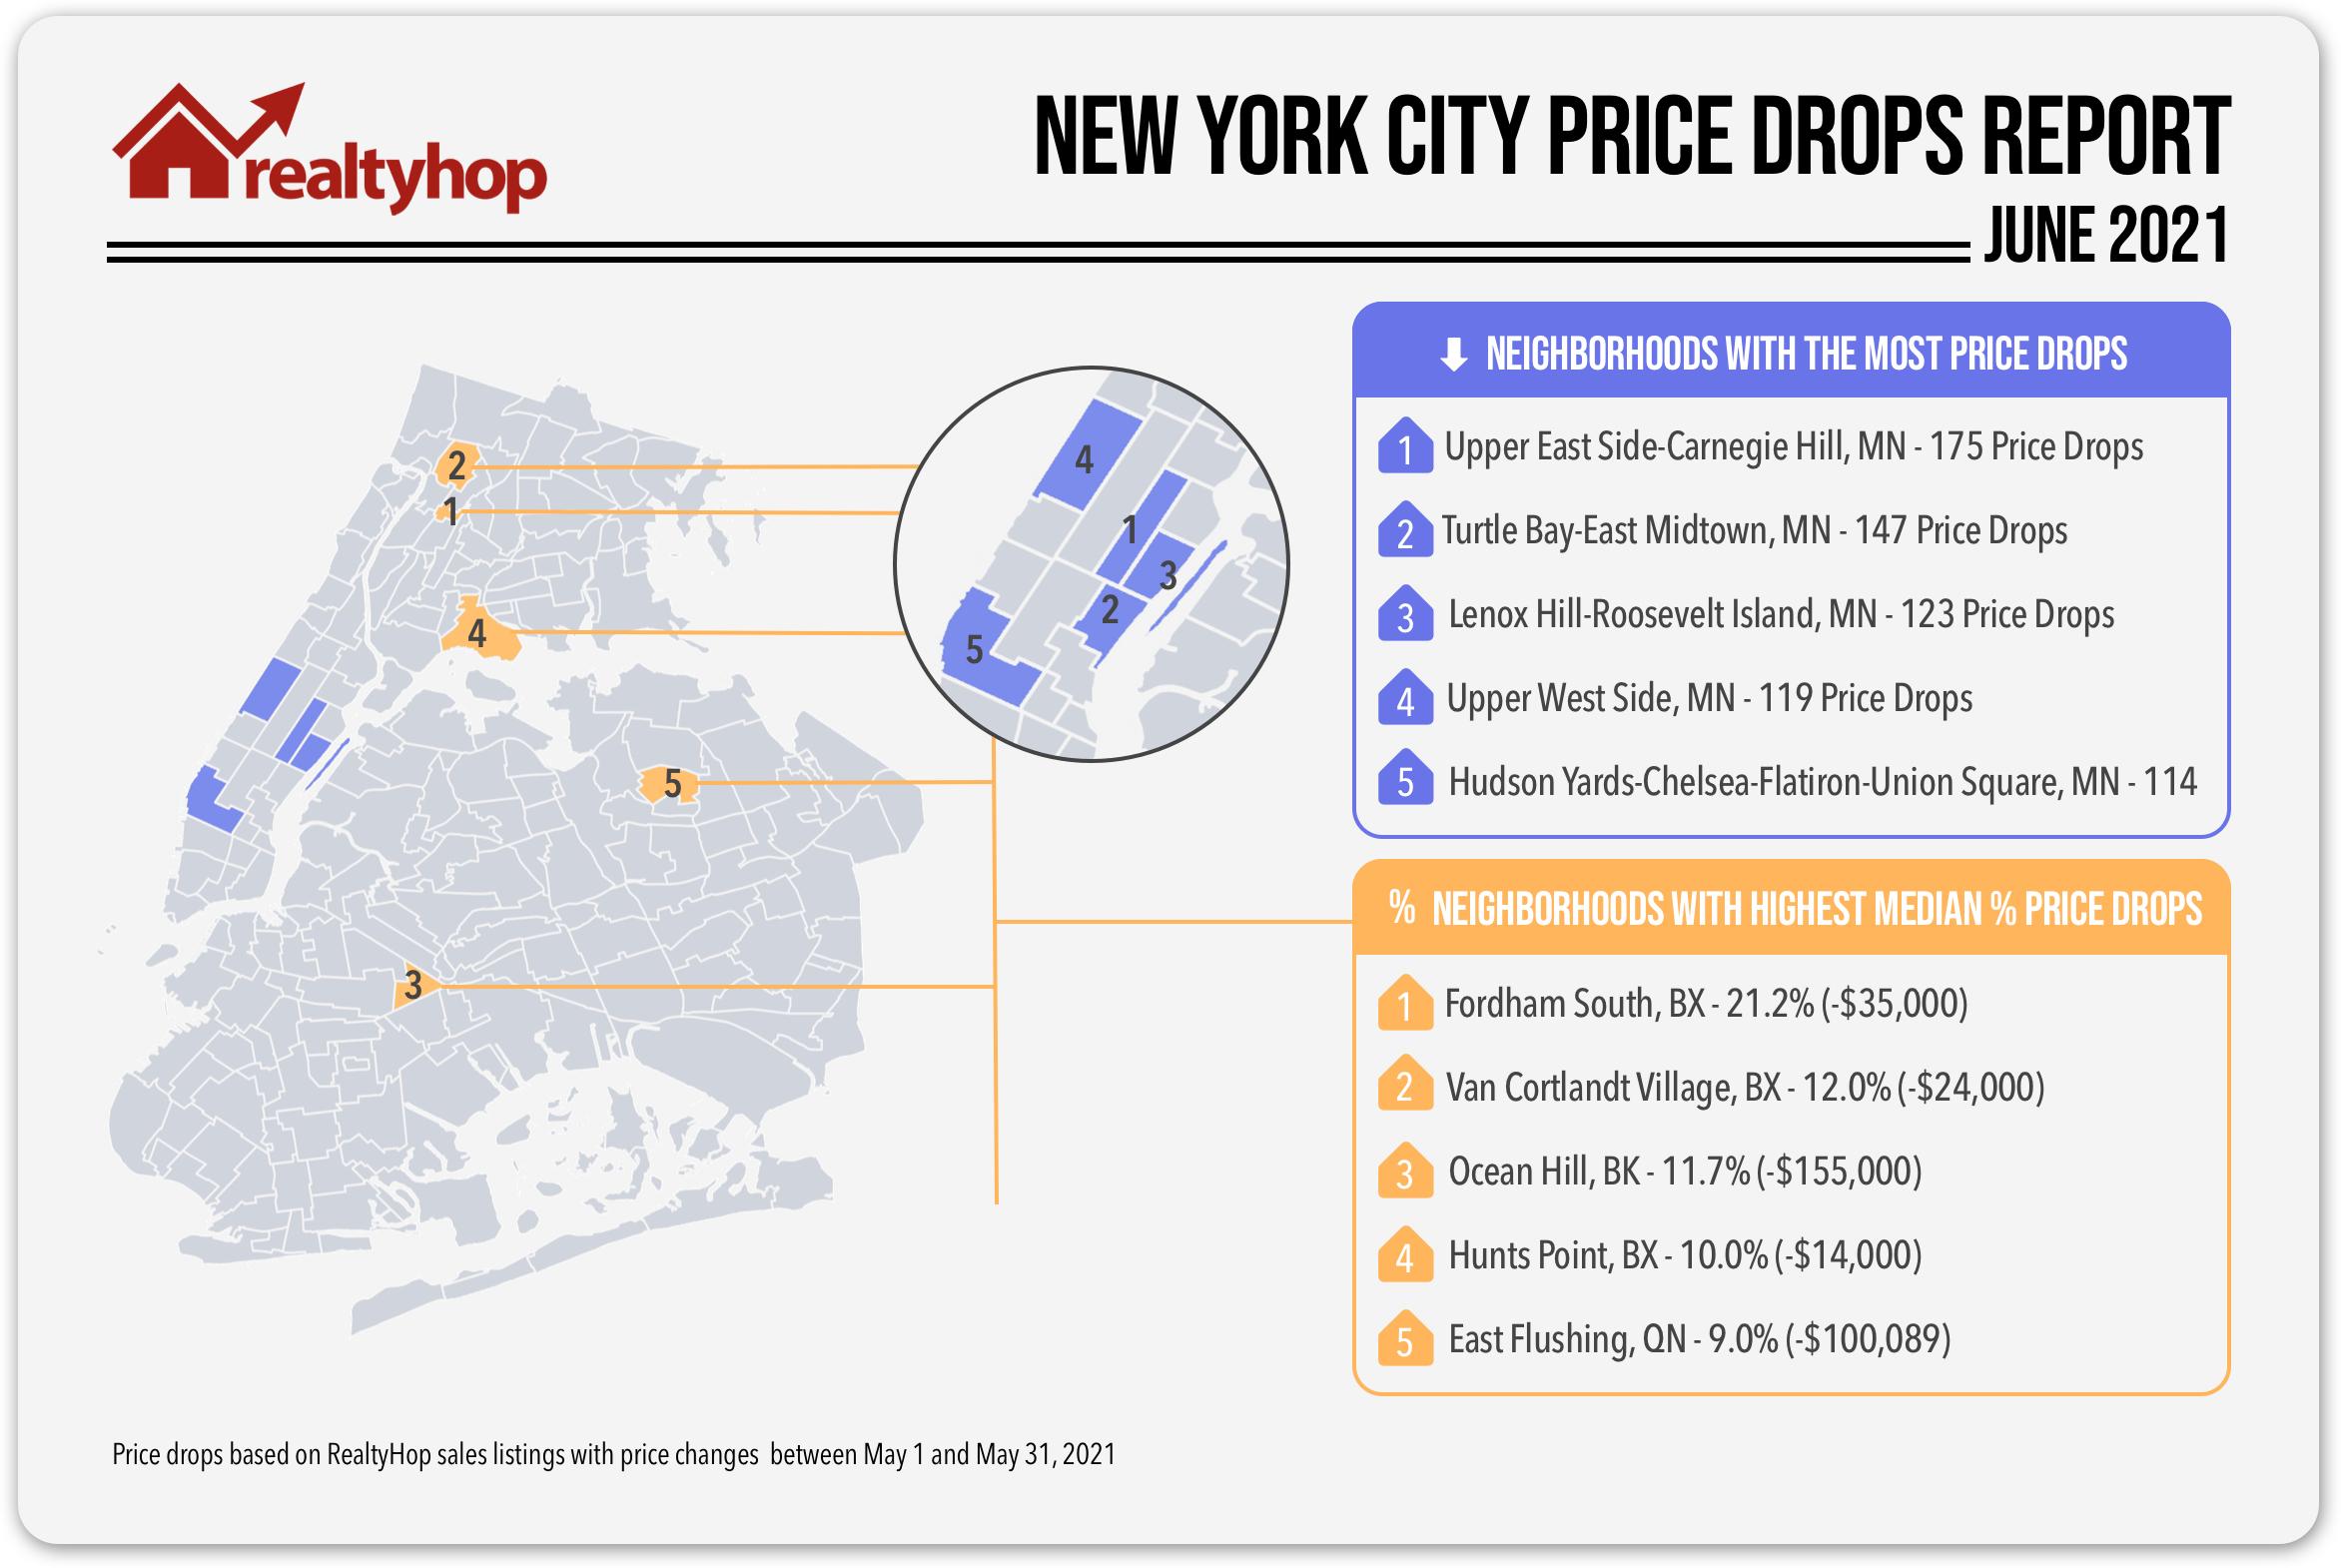 June RealtyHop Price Drops